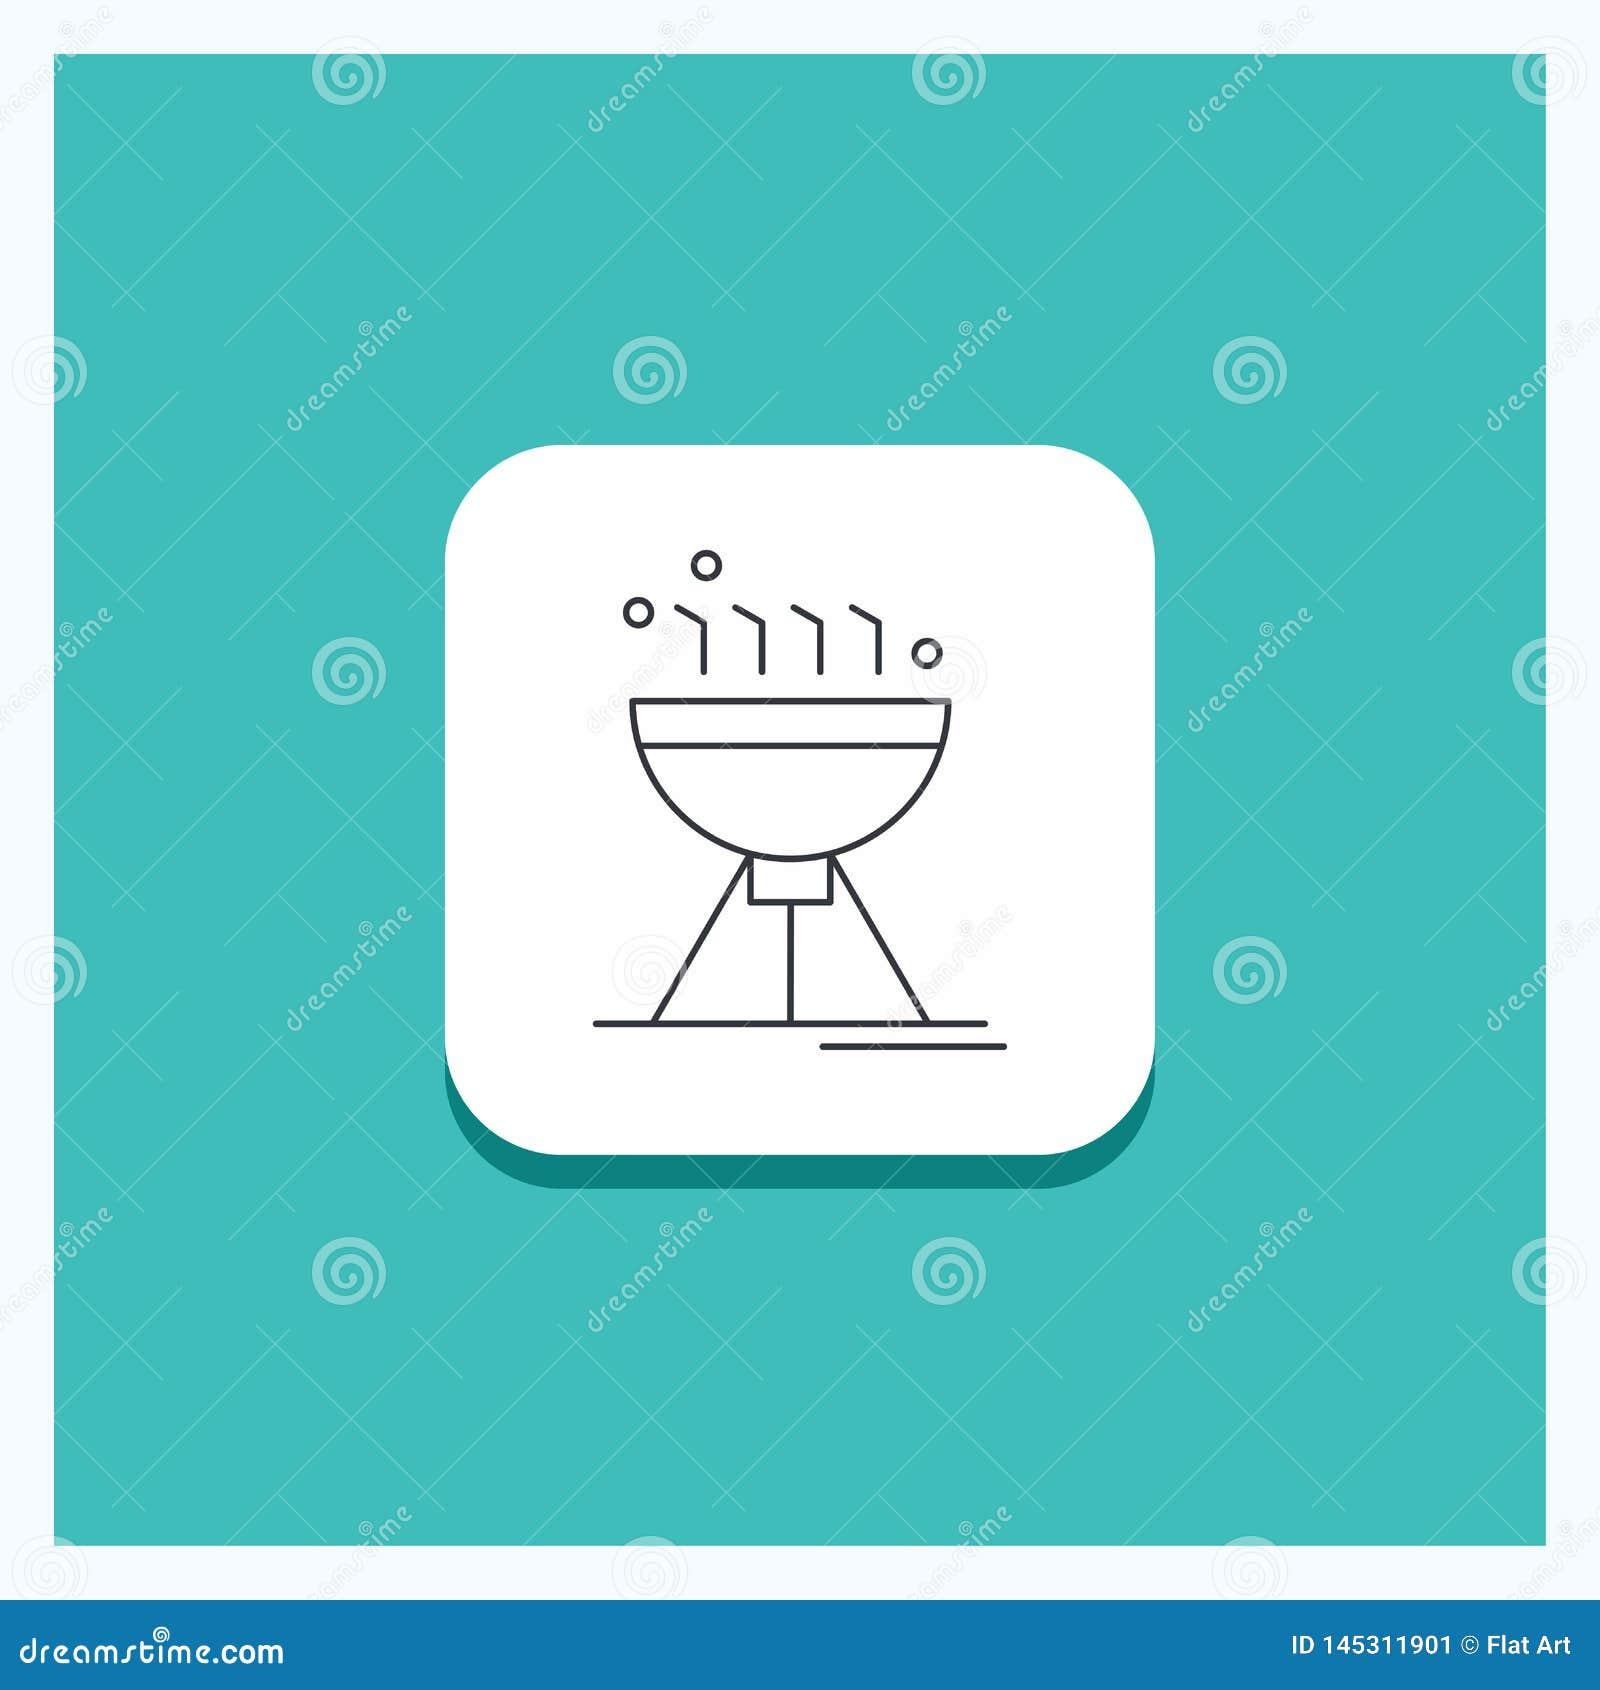 Botón redondo para cocinar el Bbq, acampando, comida, línea fondo de la parrilla de la turquesa del icono